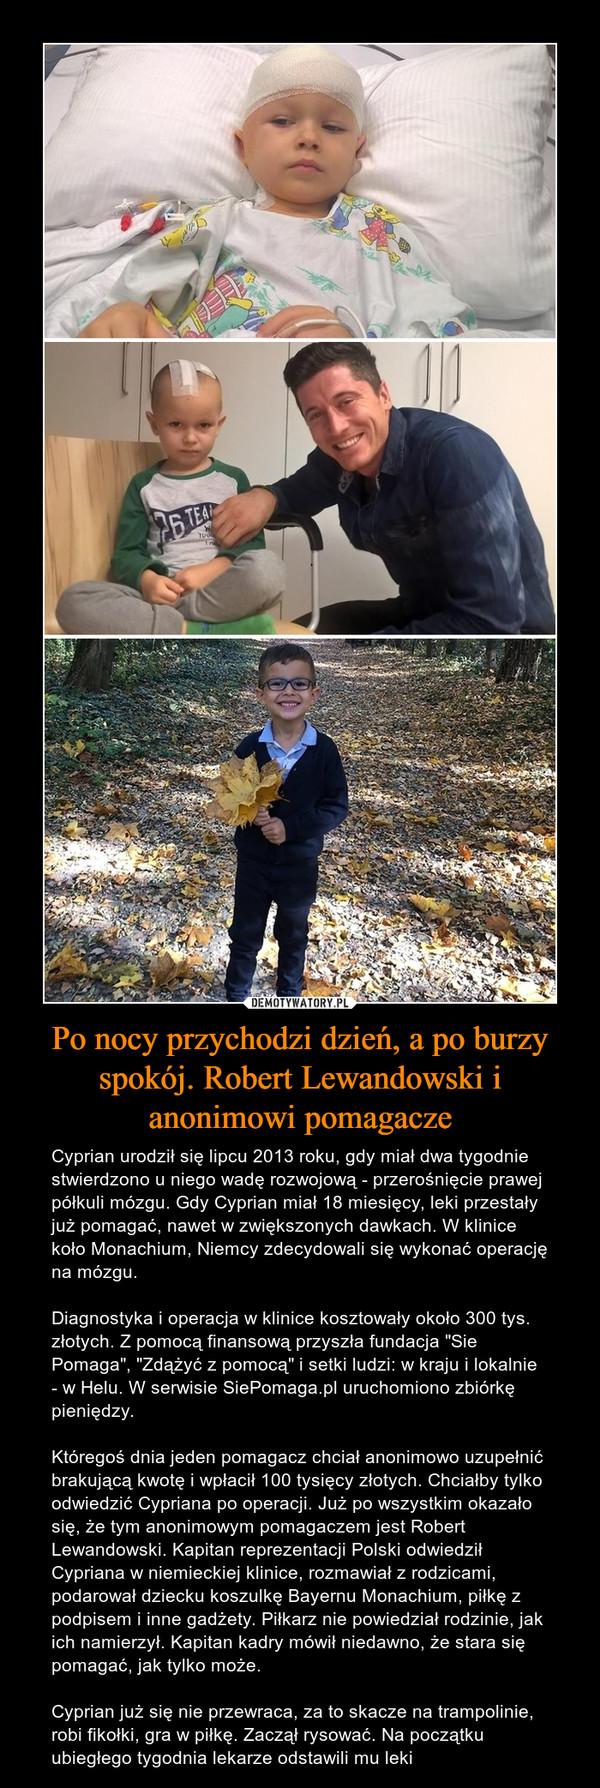 """Po nocy przychodzi dzień, a po burzy spokój. Robert Lewandowski i anonimowi pomagacze – Cyprian urodził się lipcu 2013 roku, gdy miał dwa tygodnie stwierdzono u niego wadę rozwojową - przerośnięcie prawej półkuli mózgu. Gdy Cyprian miał 18 miesięcy, leki przestały już pomagać, nawet w zwiększonych dawkach. W klinice koło Monachium, Niemcy zdecydowali się wykonać operację na mózgu. Diagnostyka i operacja w klinice kosztowały około 300 tys. złotych. Z pomocą finansową przyszła fundacja """"Sie Pomaga"""", """"Zdążyć z pomocą"""" i setki ludzi: w kraju i lokalnie - w Helu. W serwisie SiePomaga.pl uruchomiono zbiórkę pieniędzy. Któregoś dnia jeden pomagacz chciał anonimowo uzupełnić brakującą kwotę i wpłacił 100 tysięcy złotych. Chciałby tylko odwiedzić Cypriana po operacji. Już po wszystkim okazało się, że tym anonimowym pomagaczem jest Robert Lewandowski. Kapitan reprezentacji Polski odwiedził Cypriana w niemieckiej klinice, rozmawiał z rodzicami, podarował dziecku koszulkę Bayernu Monachium, piłkę z podpisem i inne gadżety. Piłkarz nie powiedział rodzinie, jak ich namierzył. Kapitan kadry mówił niedawno, że stara się pomagać, jak tylko może.Cyprian już się nie przewraca, za to skacze na trampolinie, robi fikołki, gra w piłkę. Zaczął rysować. Na początku ubiegłego tygodnia lekarze odstawili mu leki"""